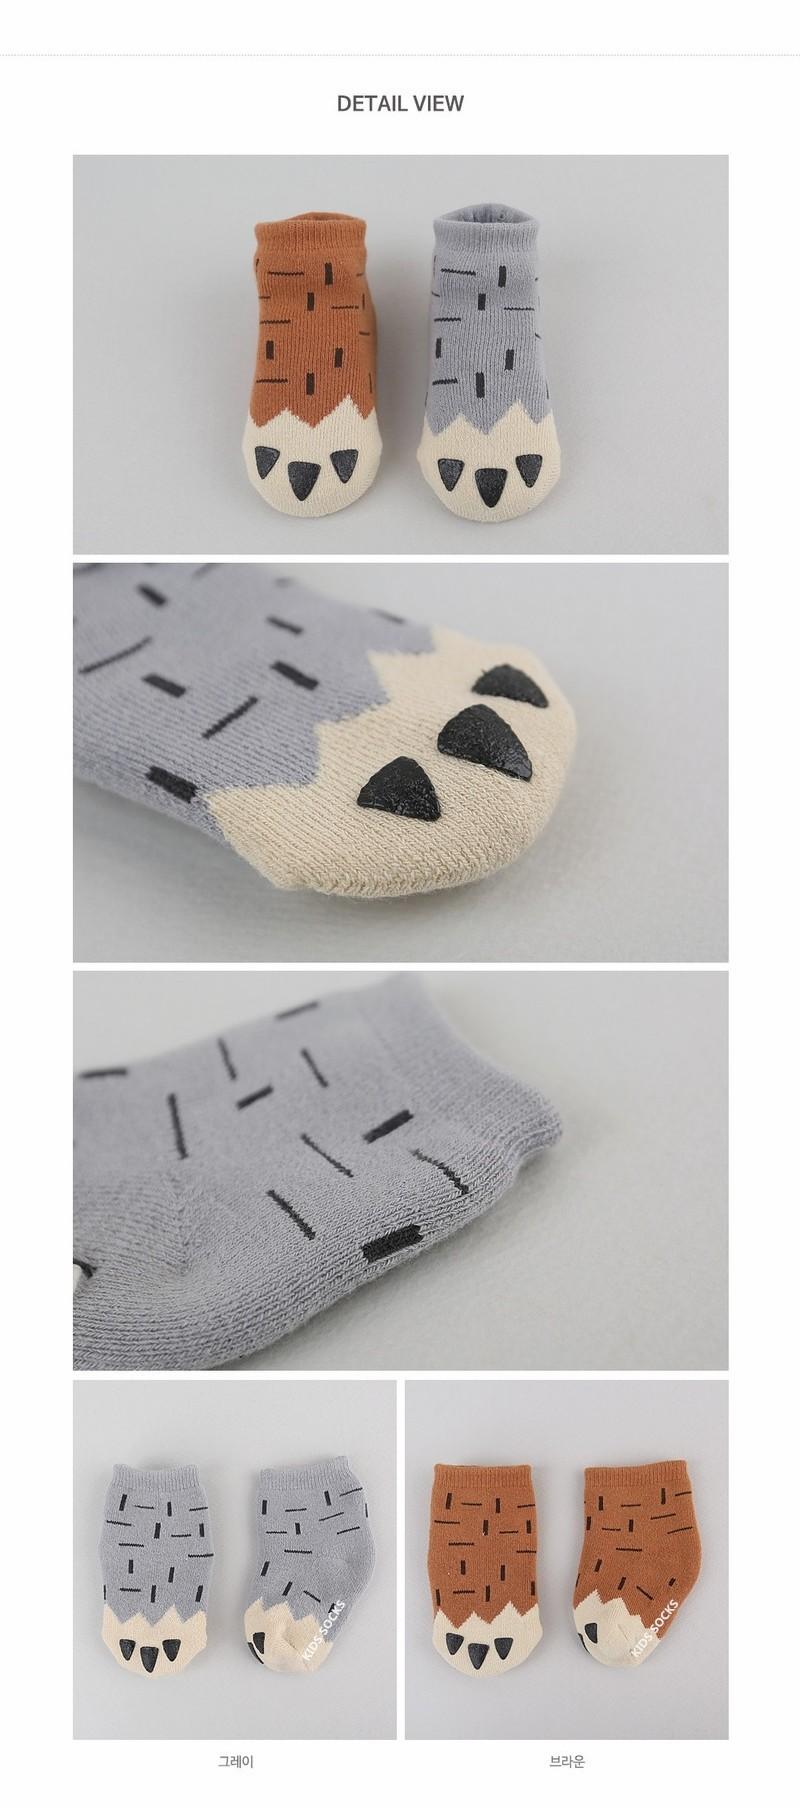 Новые детские носки paw pattern носки 3-24месяцев детские носки Резиновые скольжению CS.2 новорожденных теплые носки